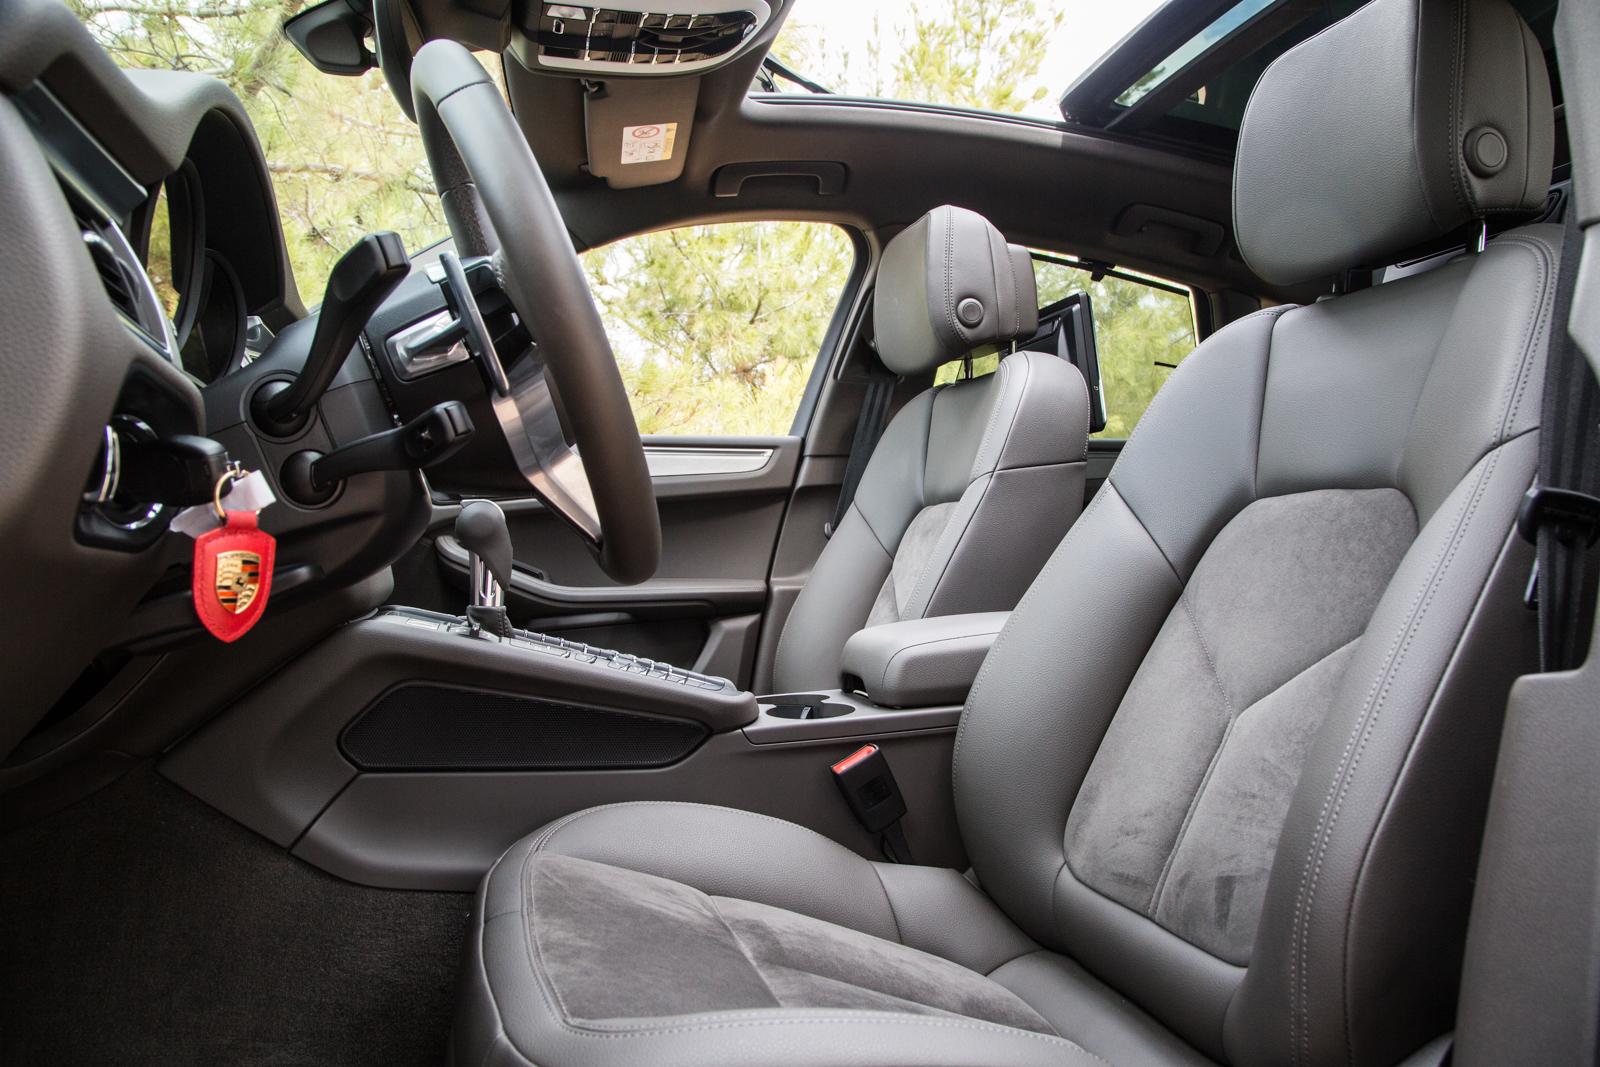 Test_Drive_Porsche_Macan_69